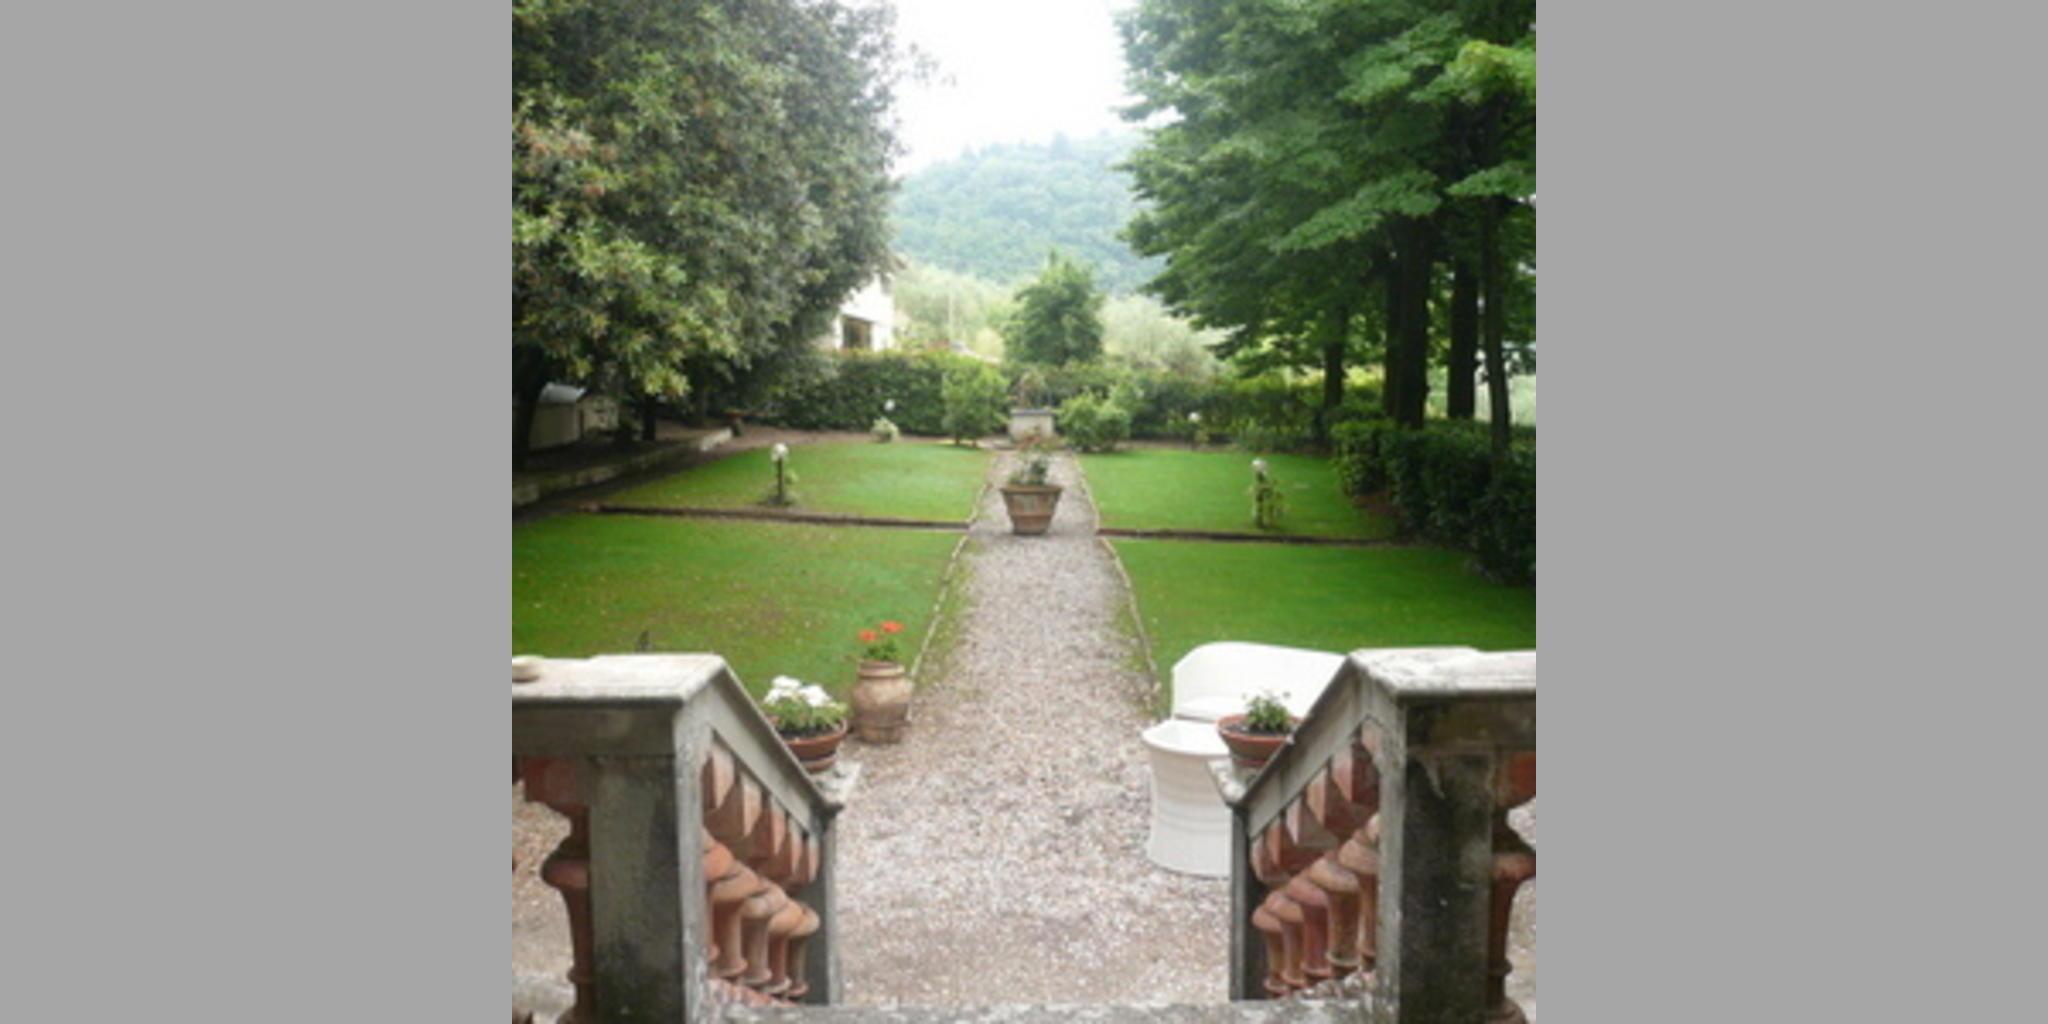 b_TX820_20120914022457_giardino_4.JPG